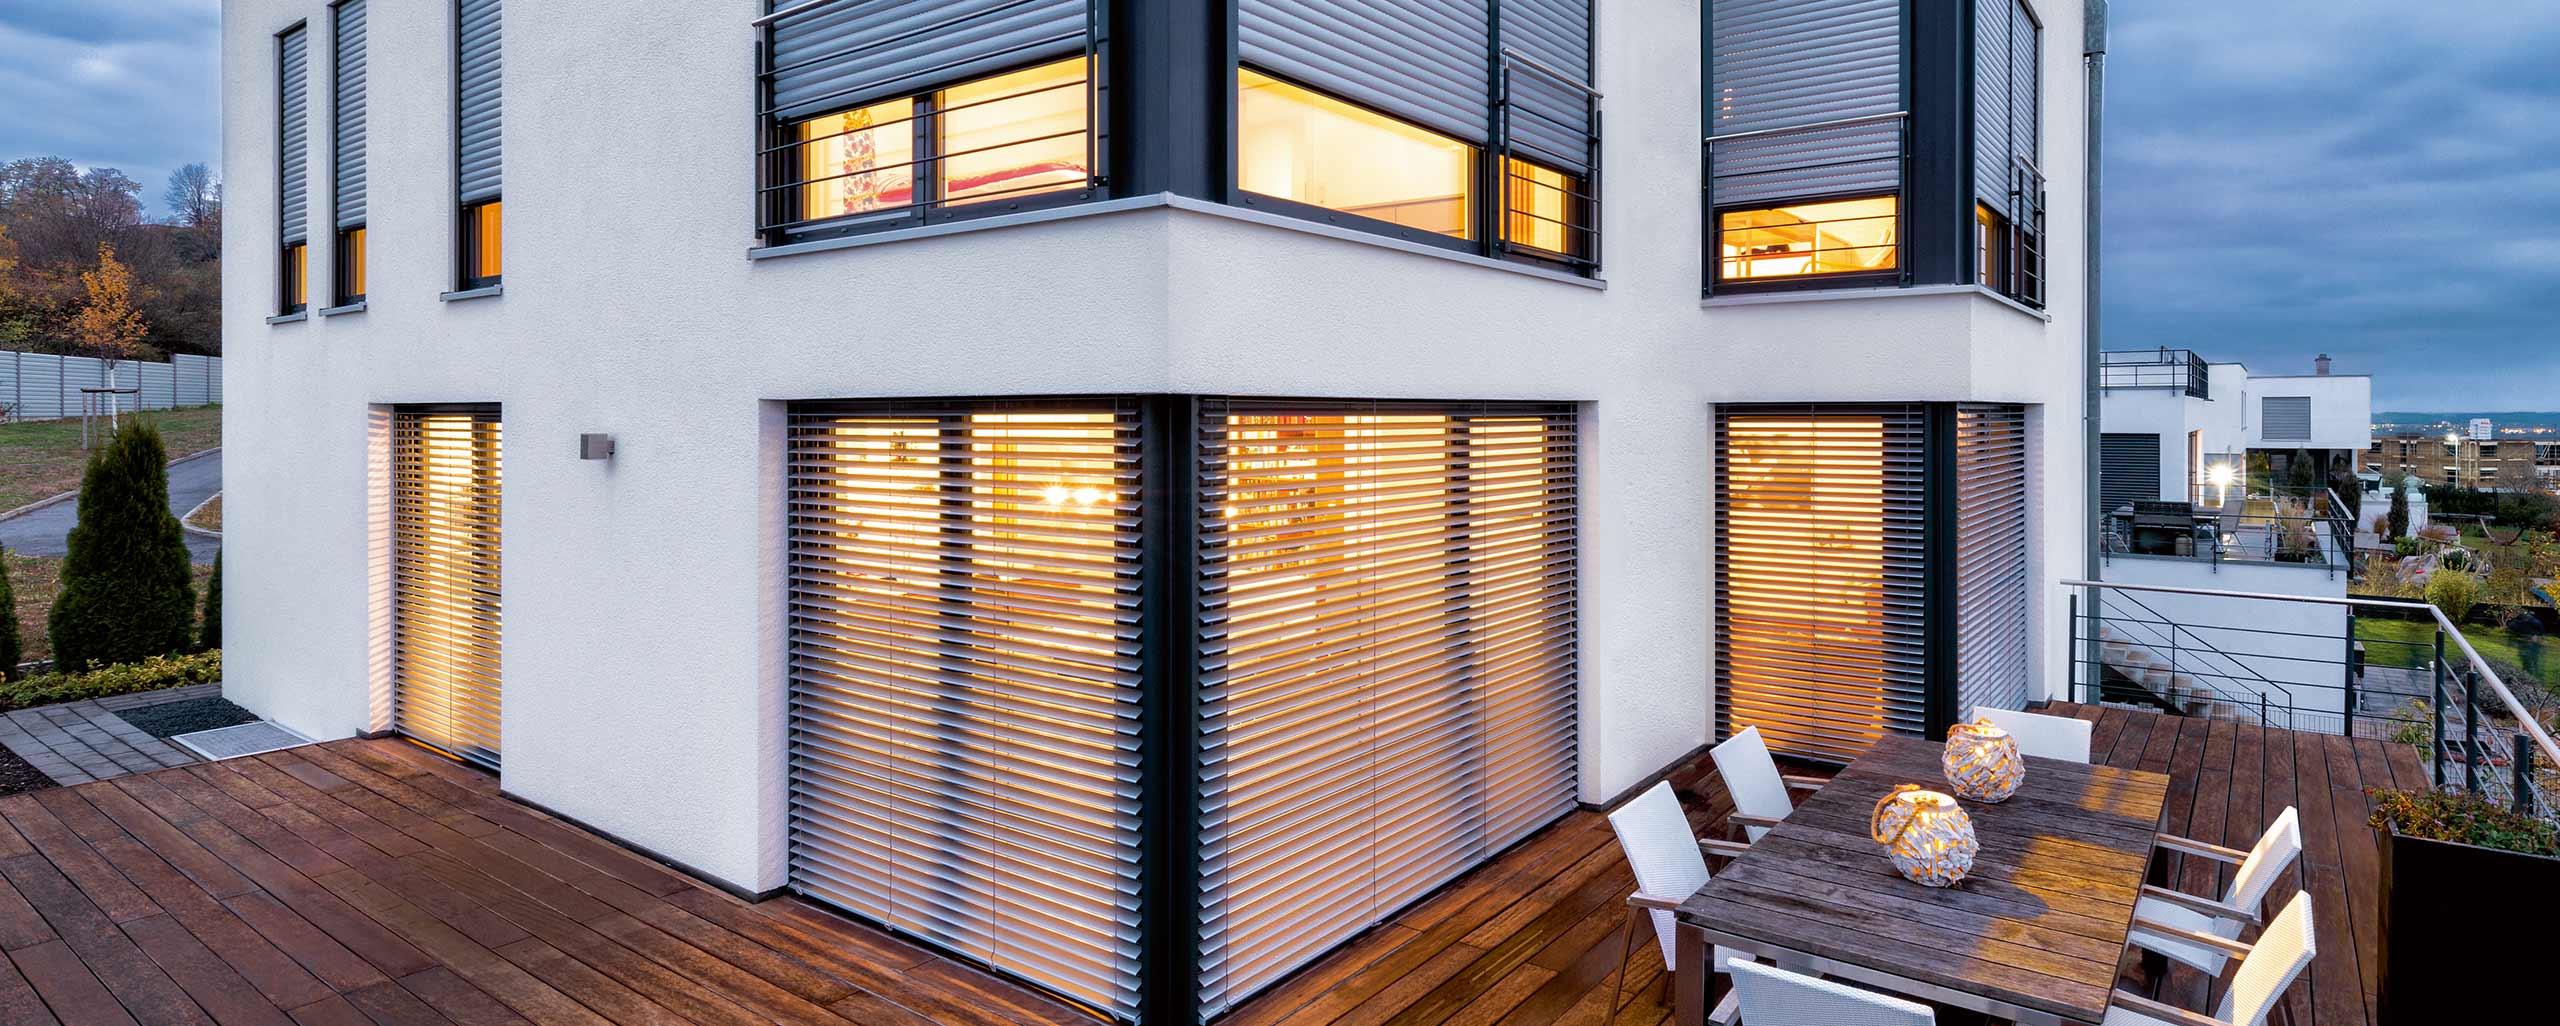 Raffstores und Rollladen von Roma für große Fensterflächen von BWE in Unterschleißheim.